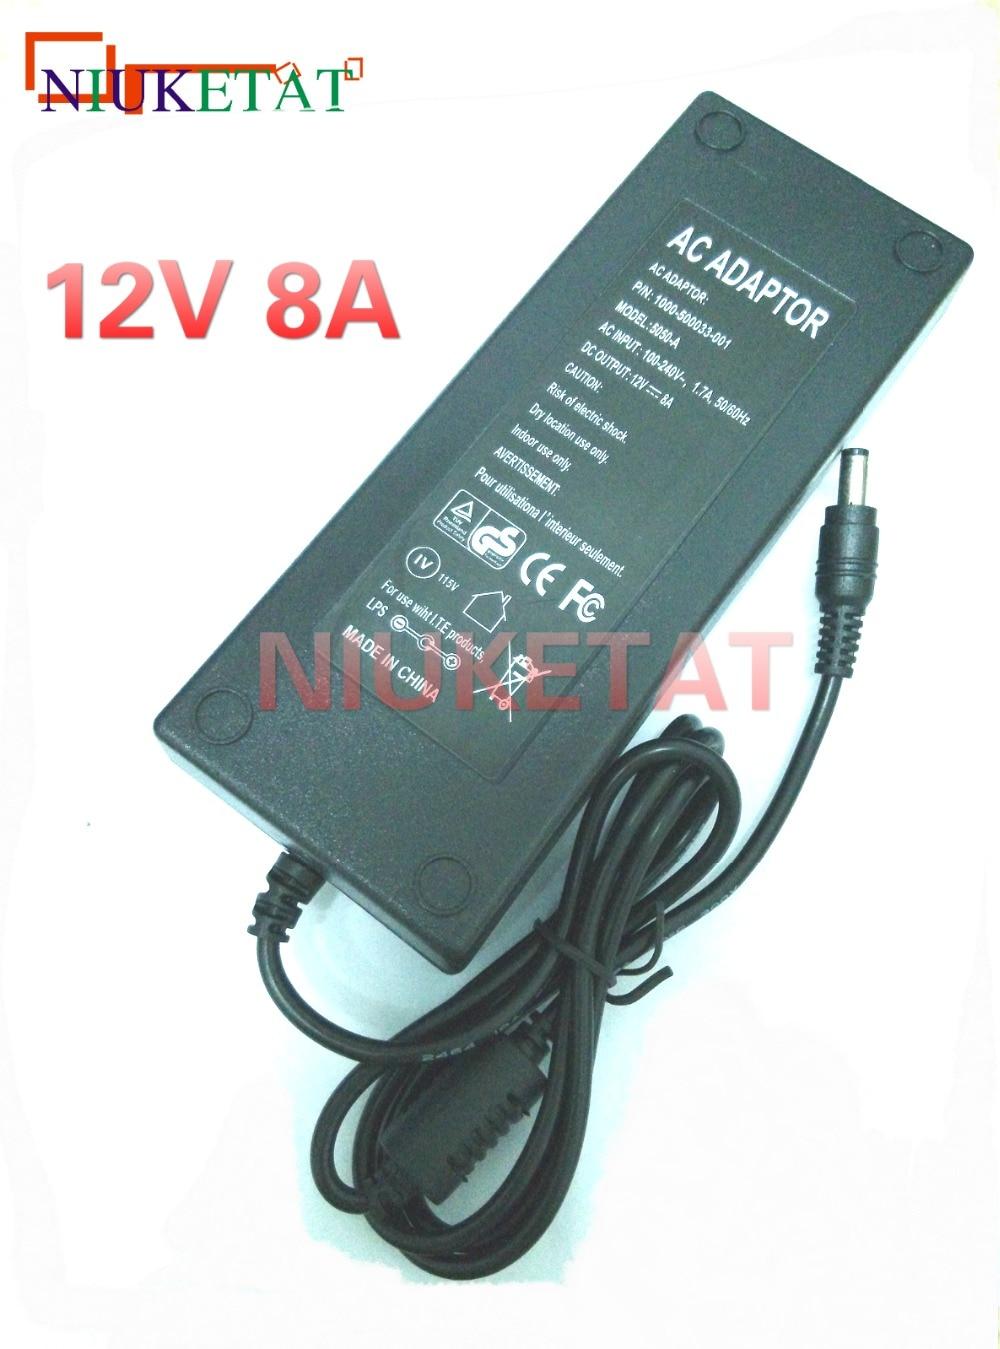 DC 12V 8A AC 100-240V 12V8A LED napájecí adaptér LED napájecí zdroj Adaptérový pohon pro RGB LED pásek 5050 3528 2835 Bez vedení